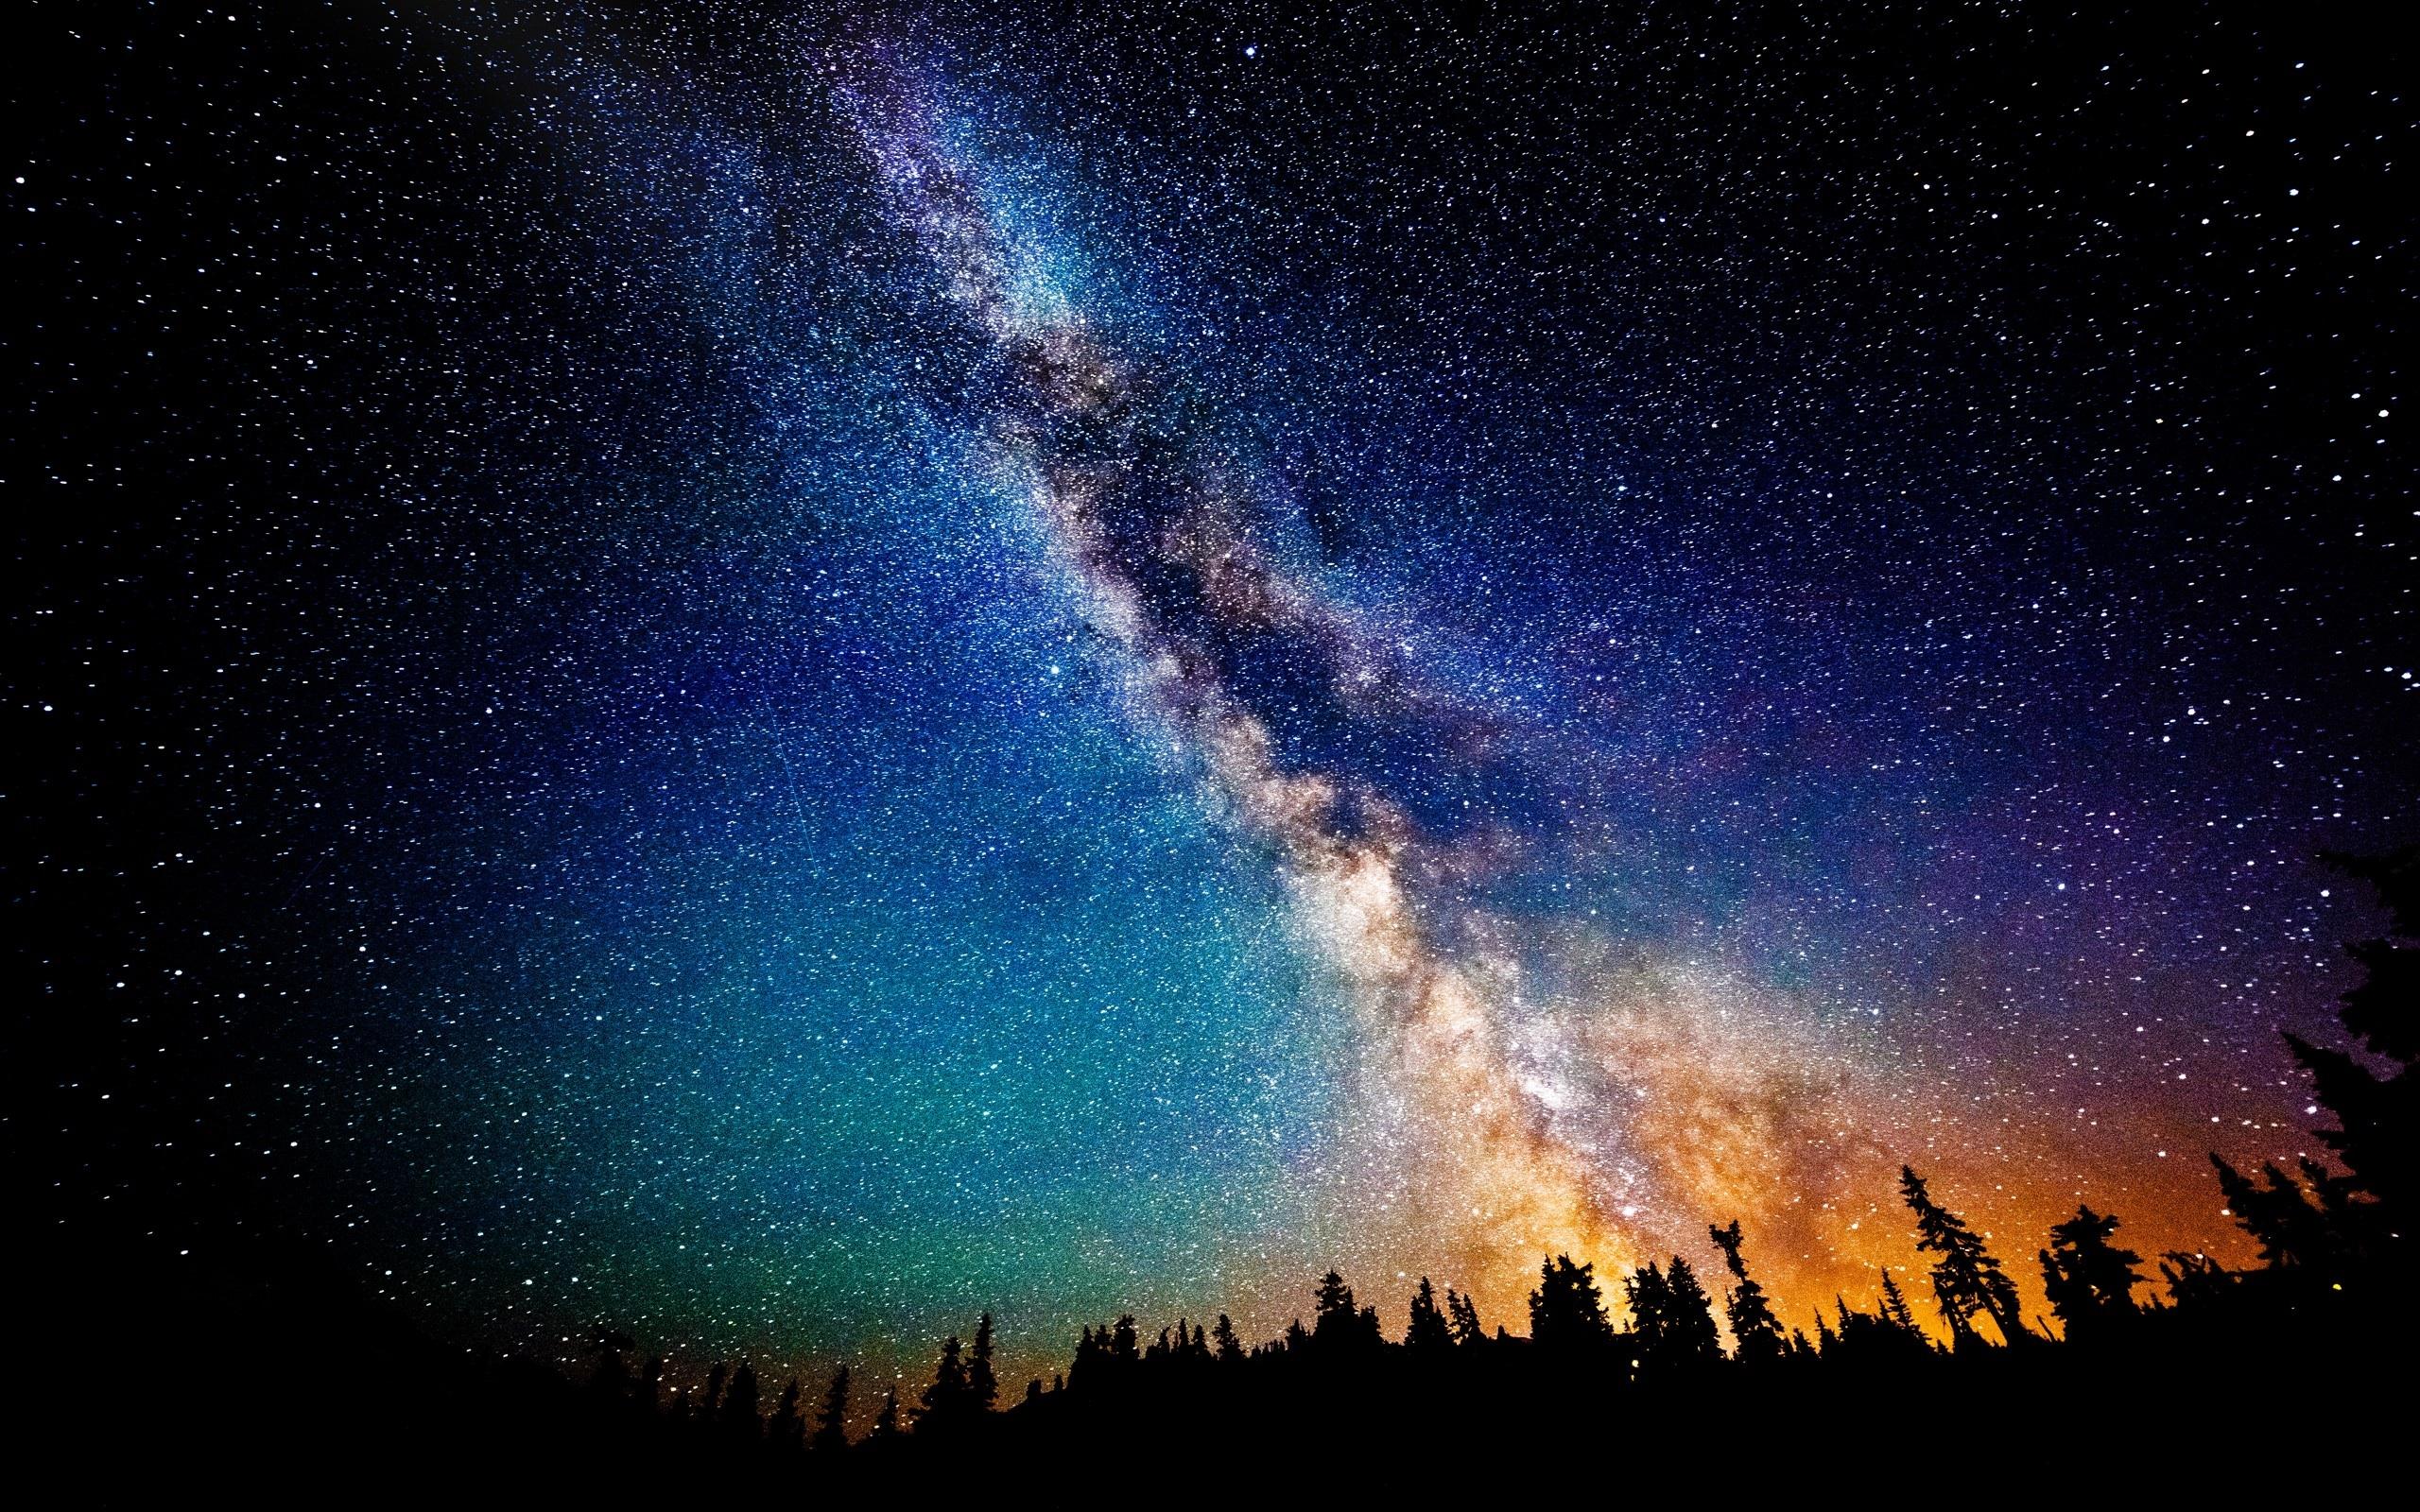 galaxy wallpaper hd 8